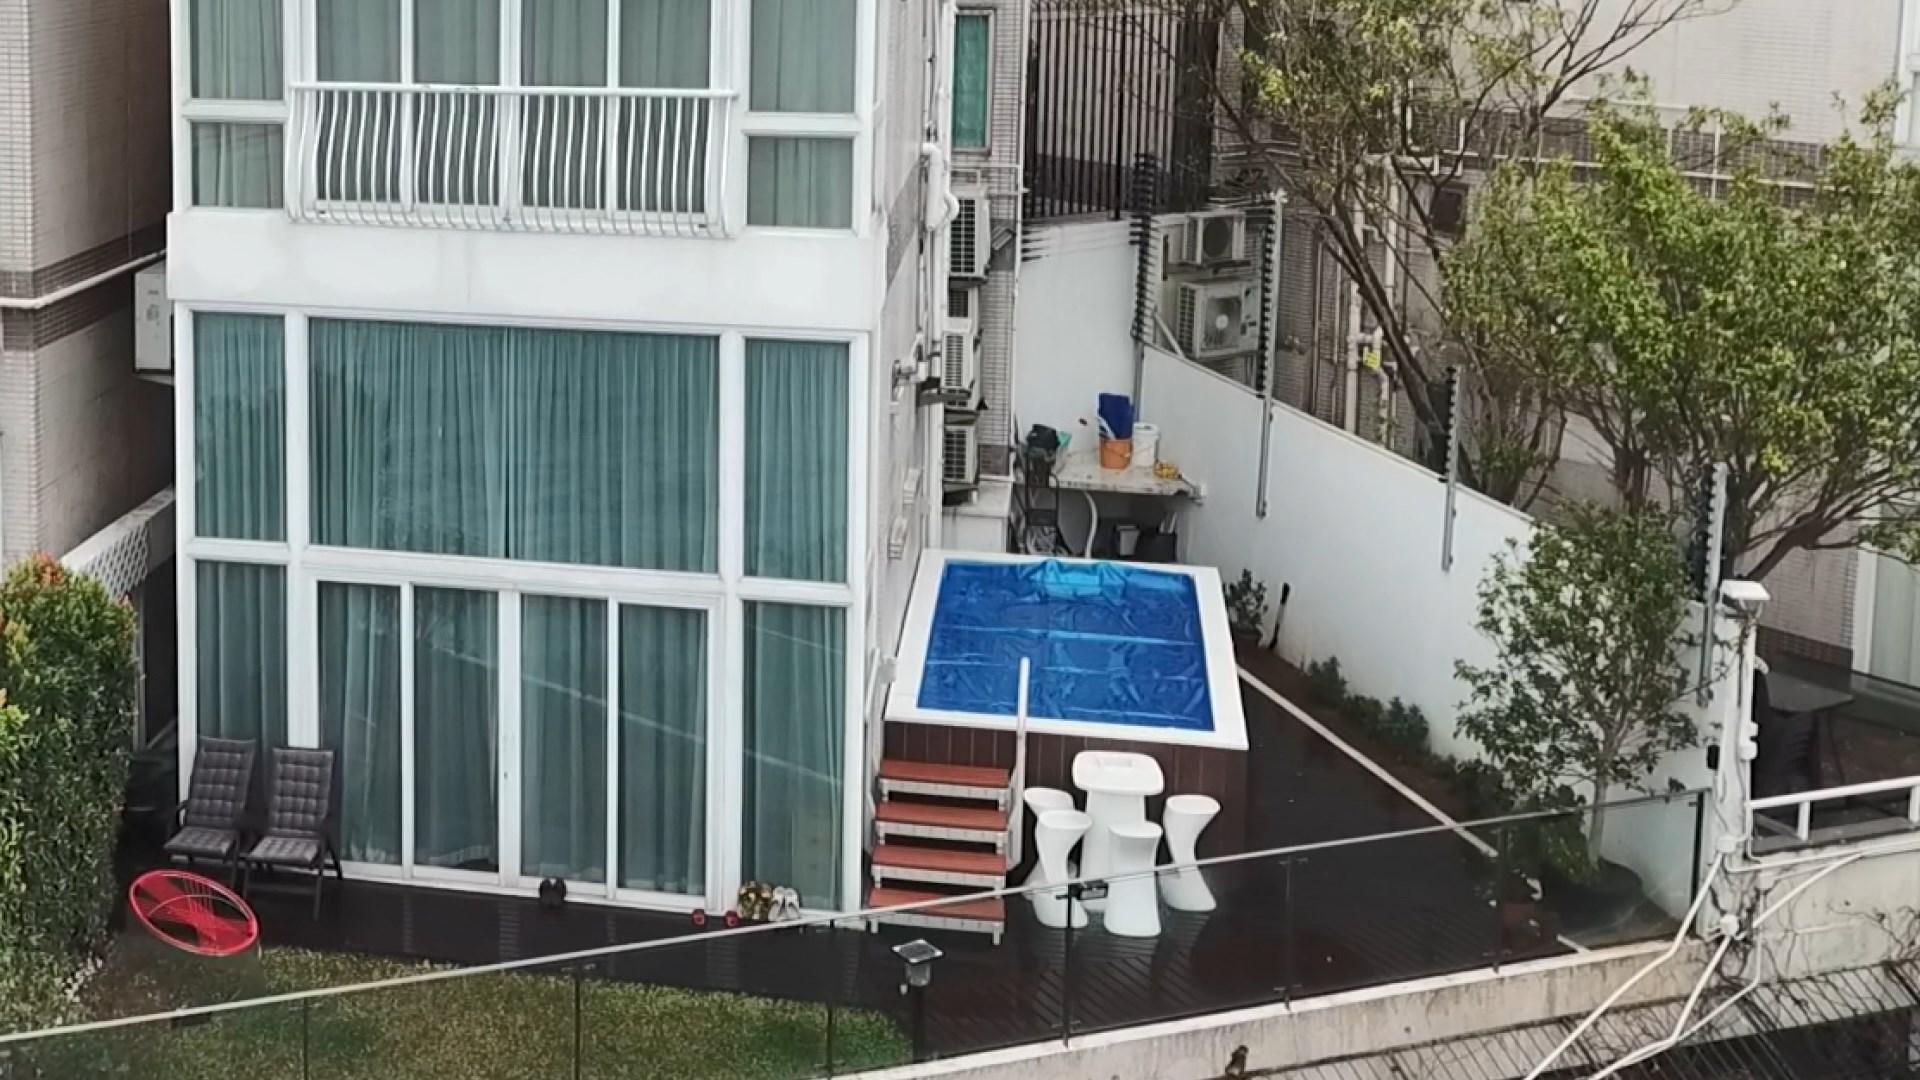 控方:潘樂陶應知道需入則建泳池